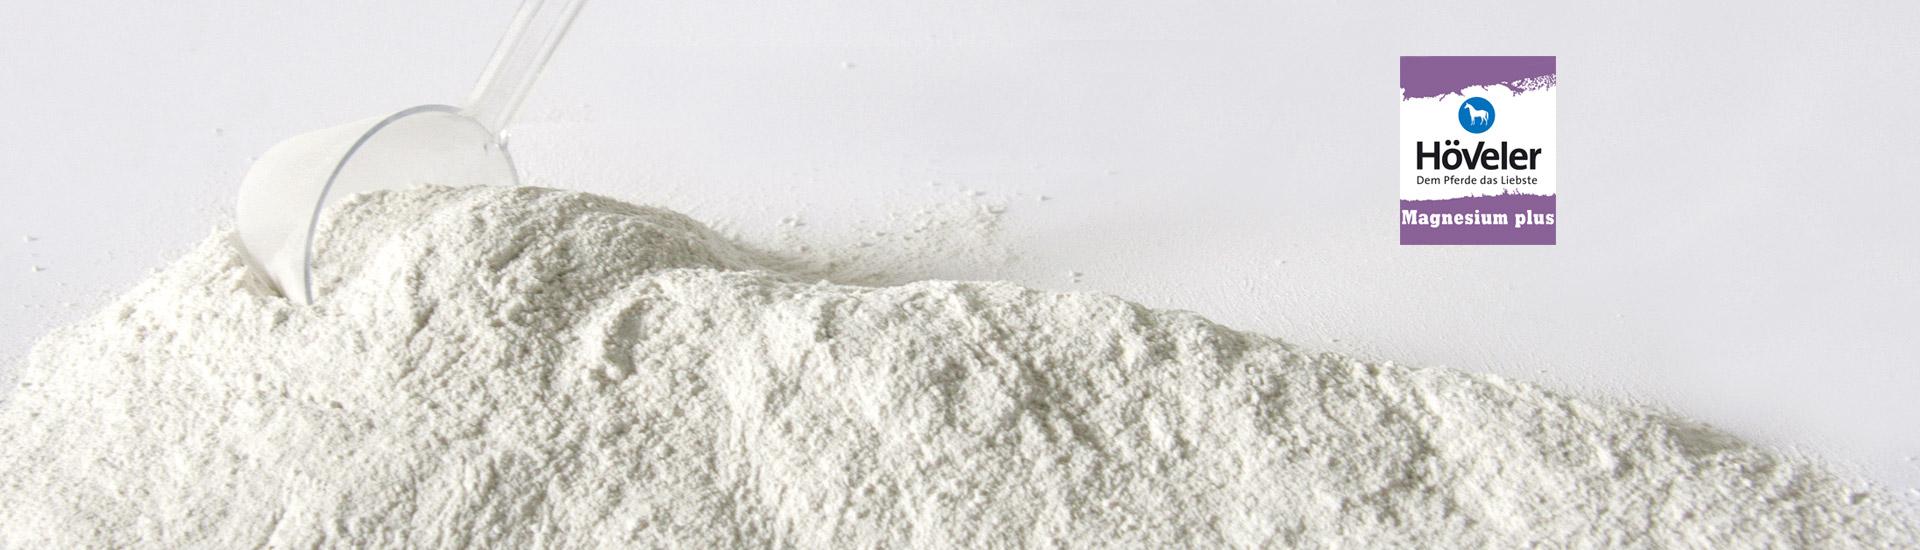 hoeveler-magnesium-plus